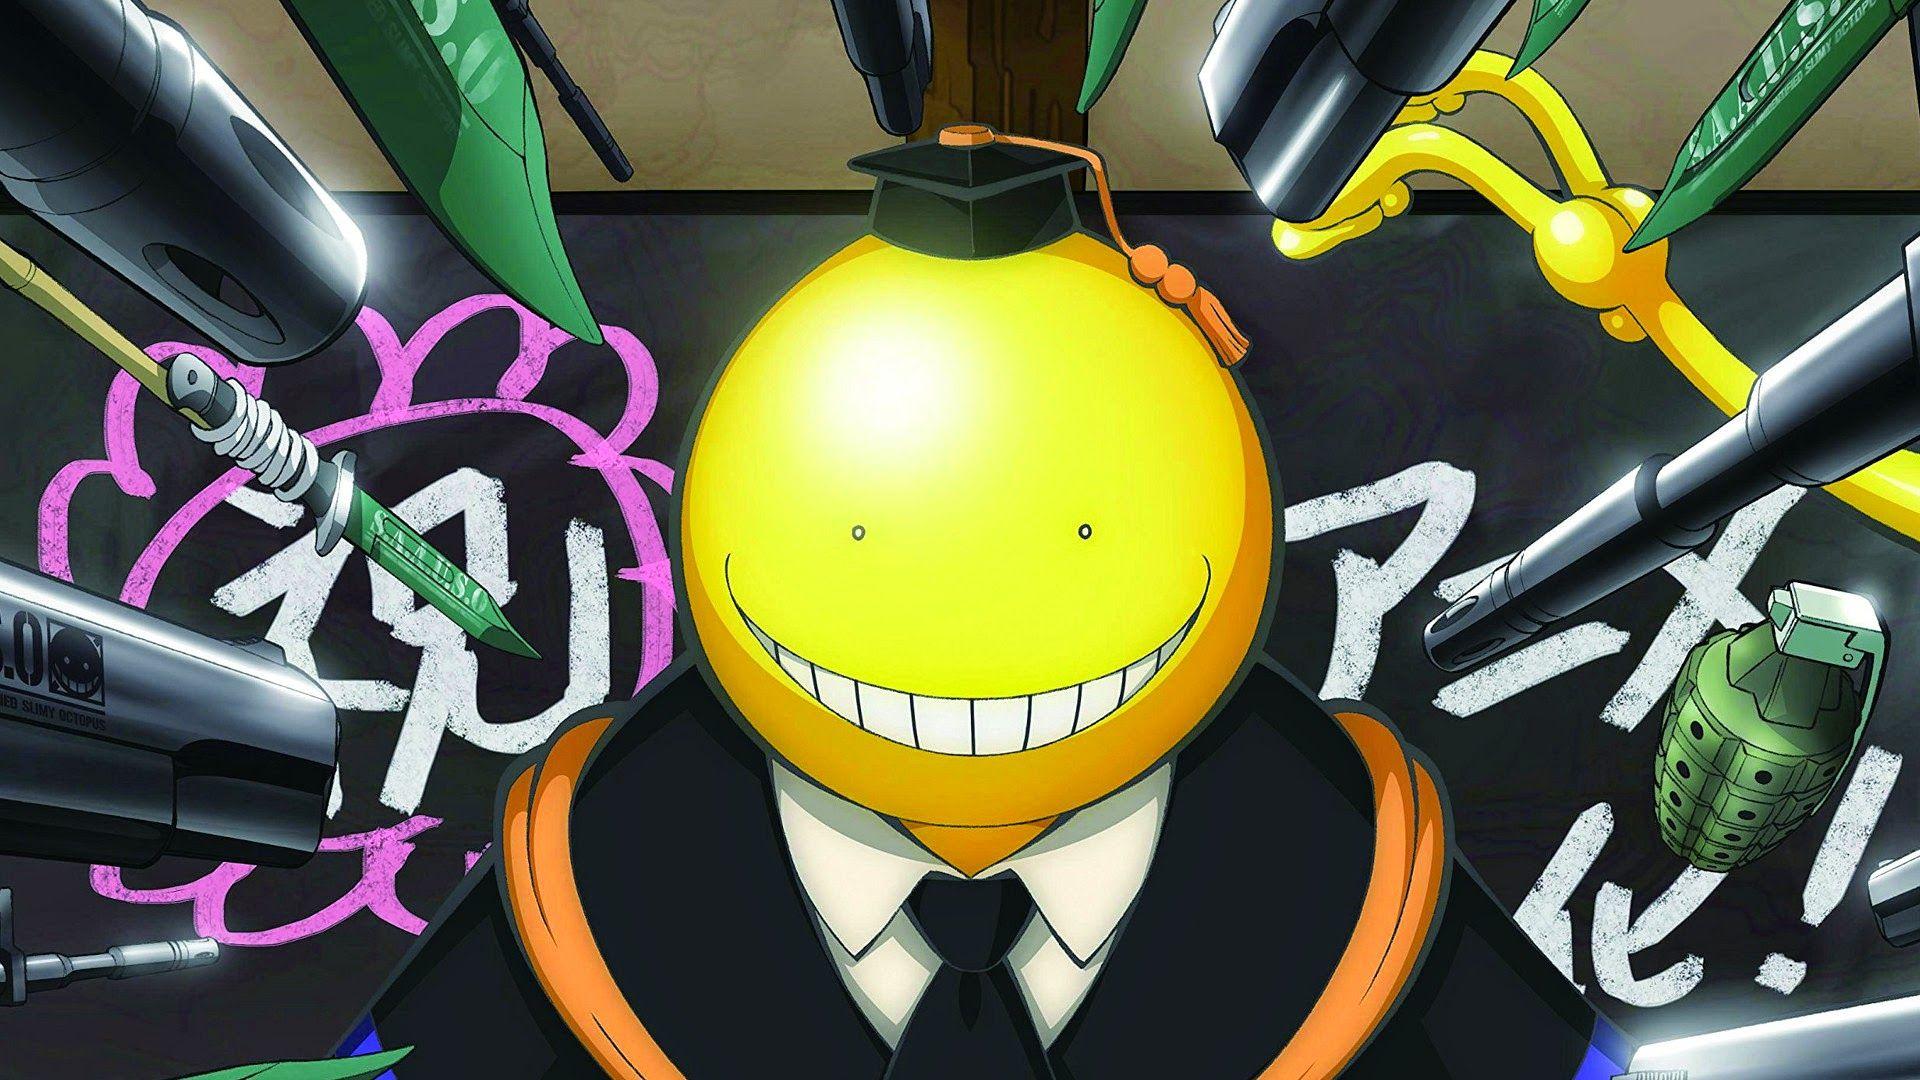 Ansatsu Kyoushitsu Tapety Full HD Tapety, Anime, Klasa